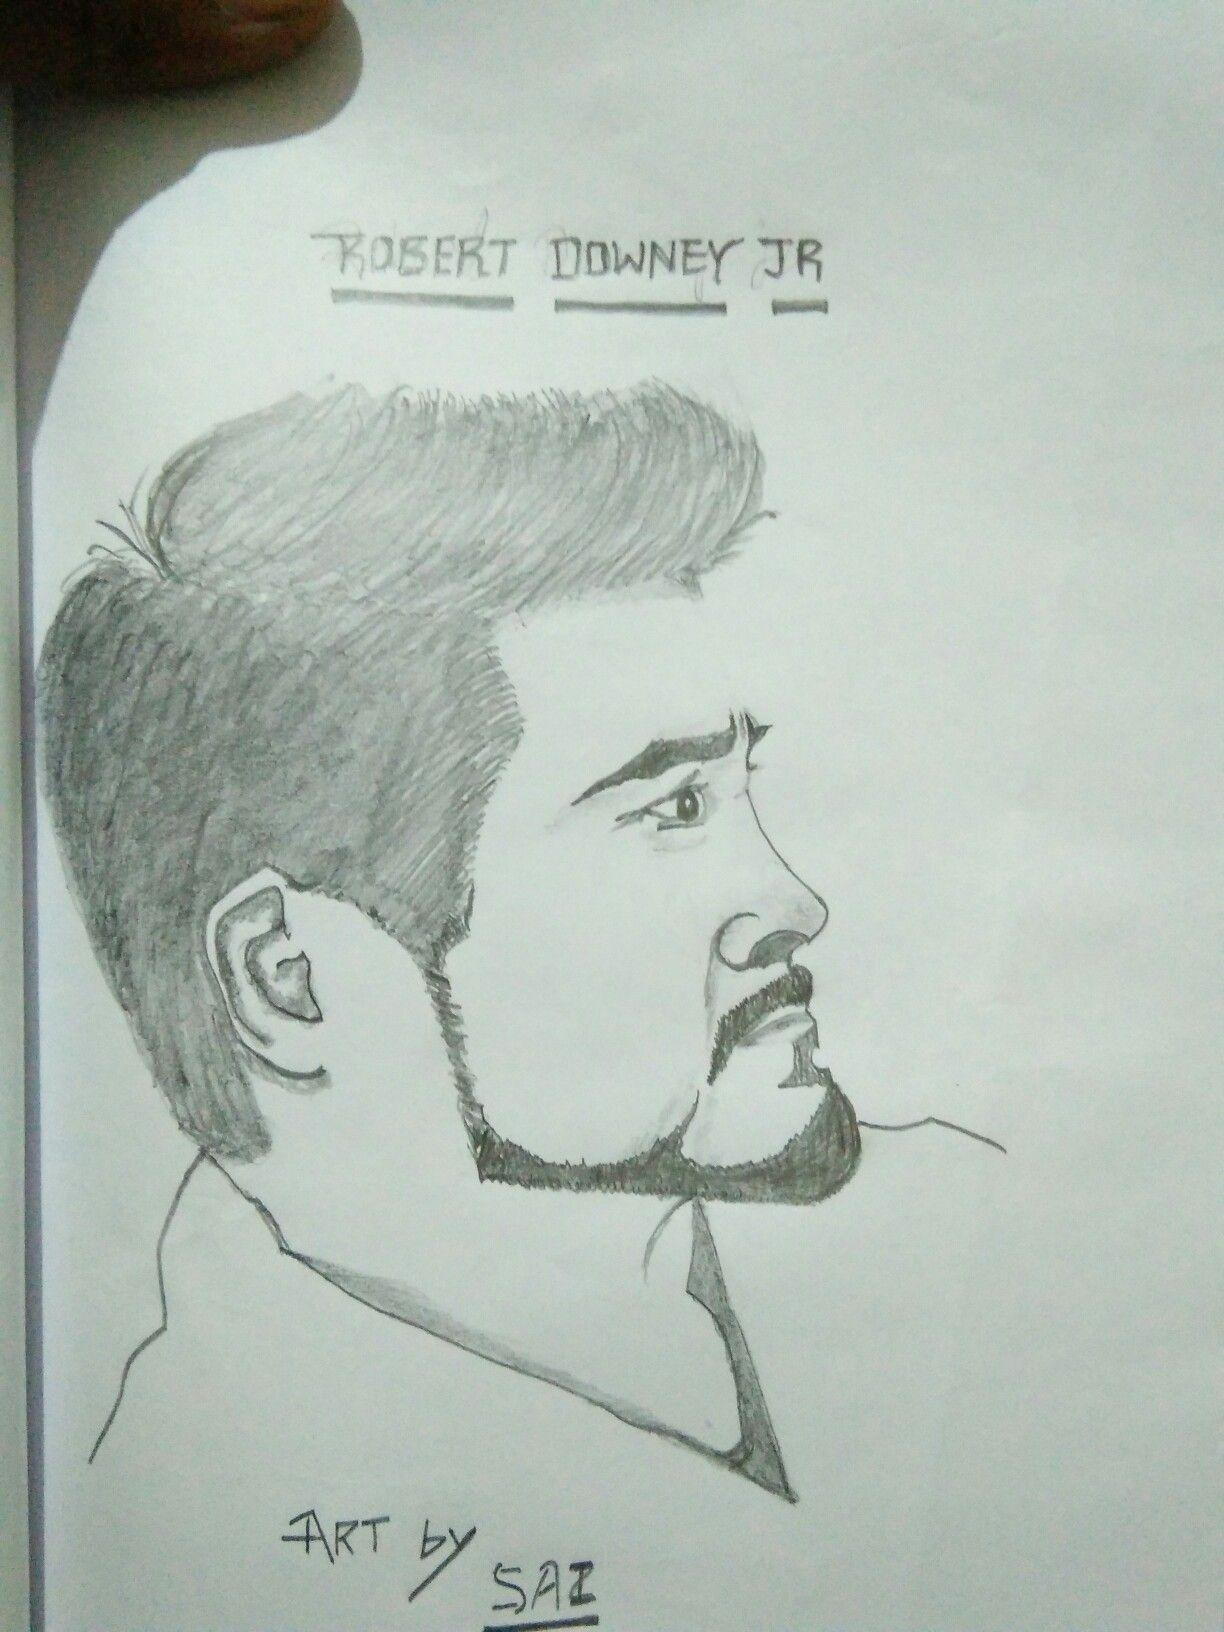 Tony stark art by saikrishna 7093687913 tony stark art